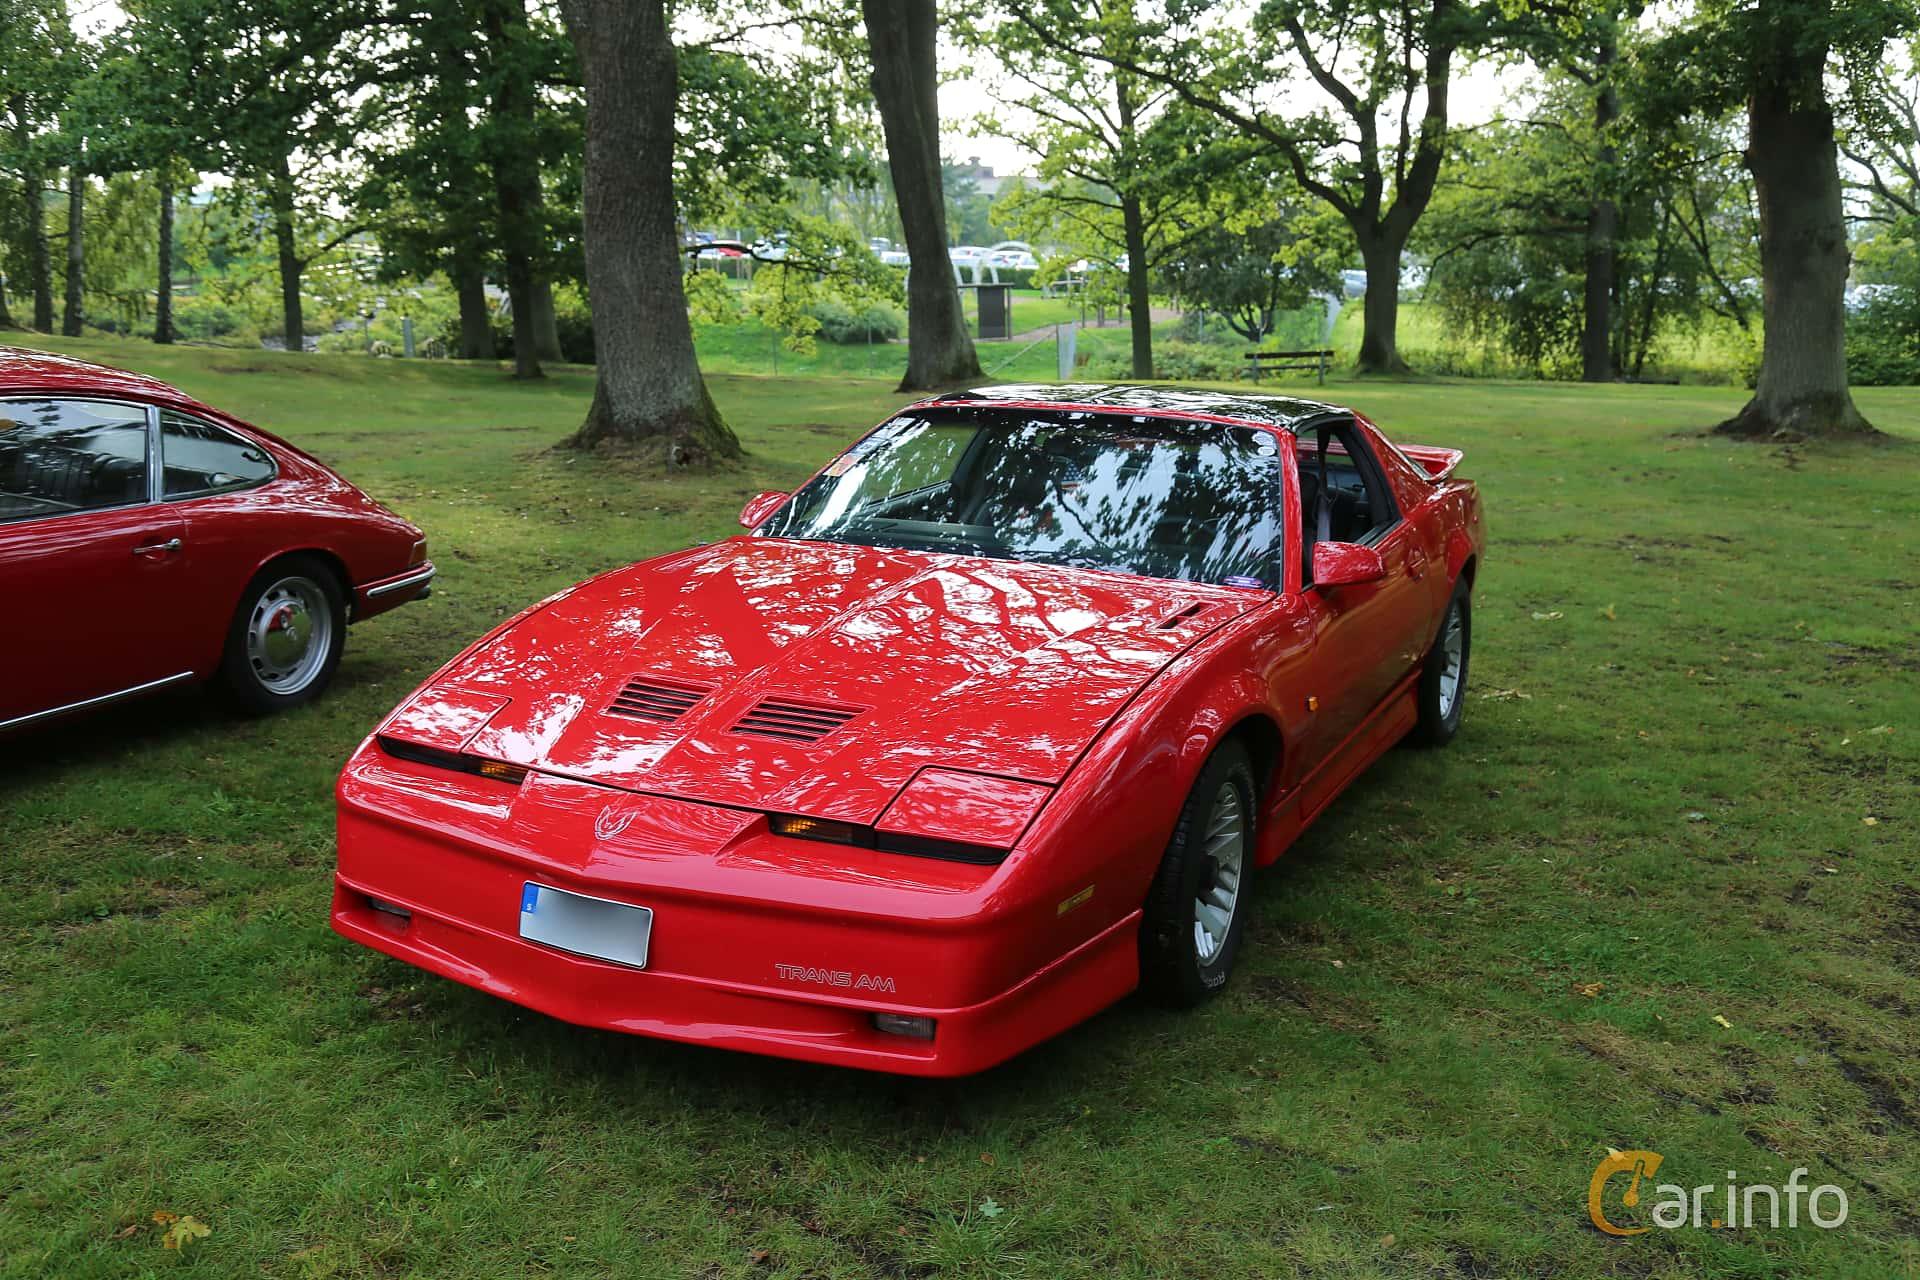 Pontiac Firebird 5.0 V8 Automatic, 230hp, 1990 at Bil & MC-träffar i Huskvarna Folkets Park 2019 Amerikanska fordon